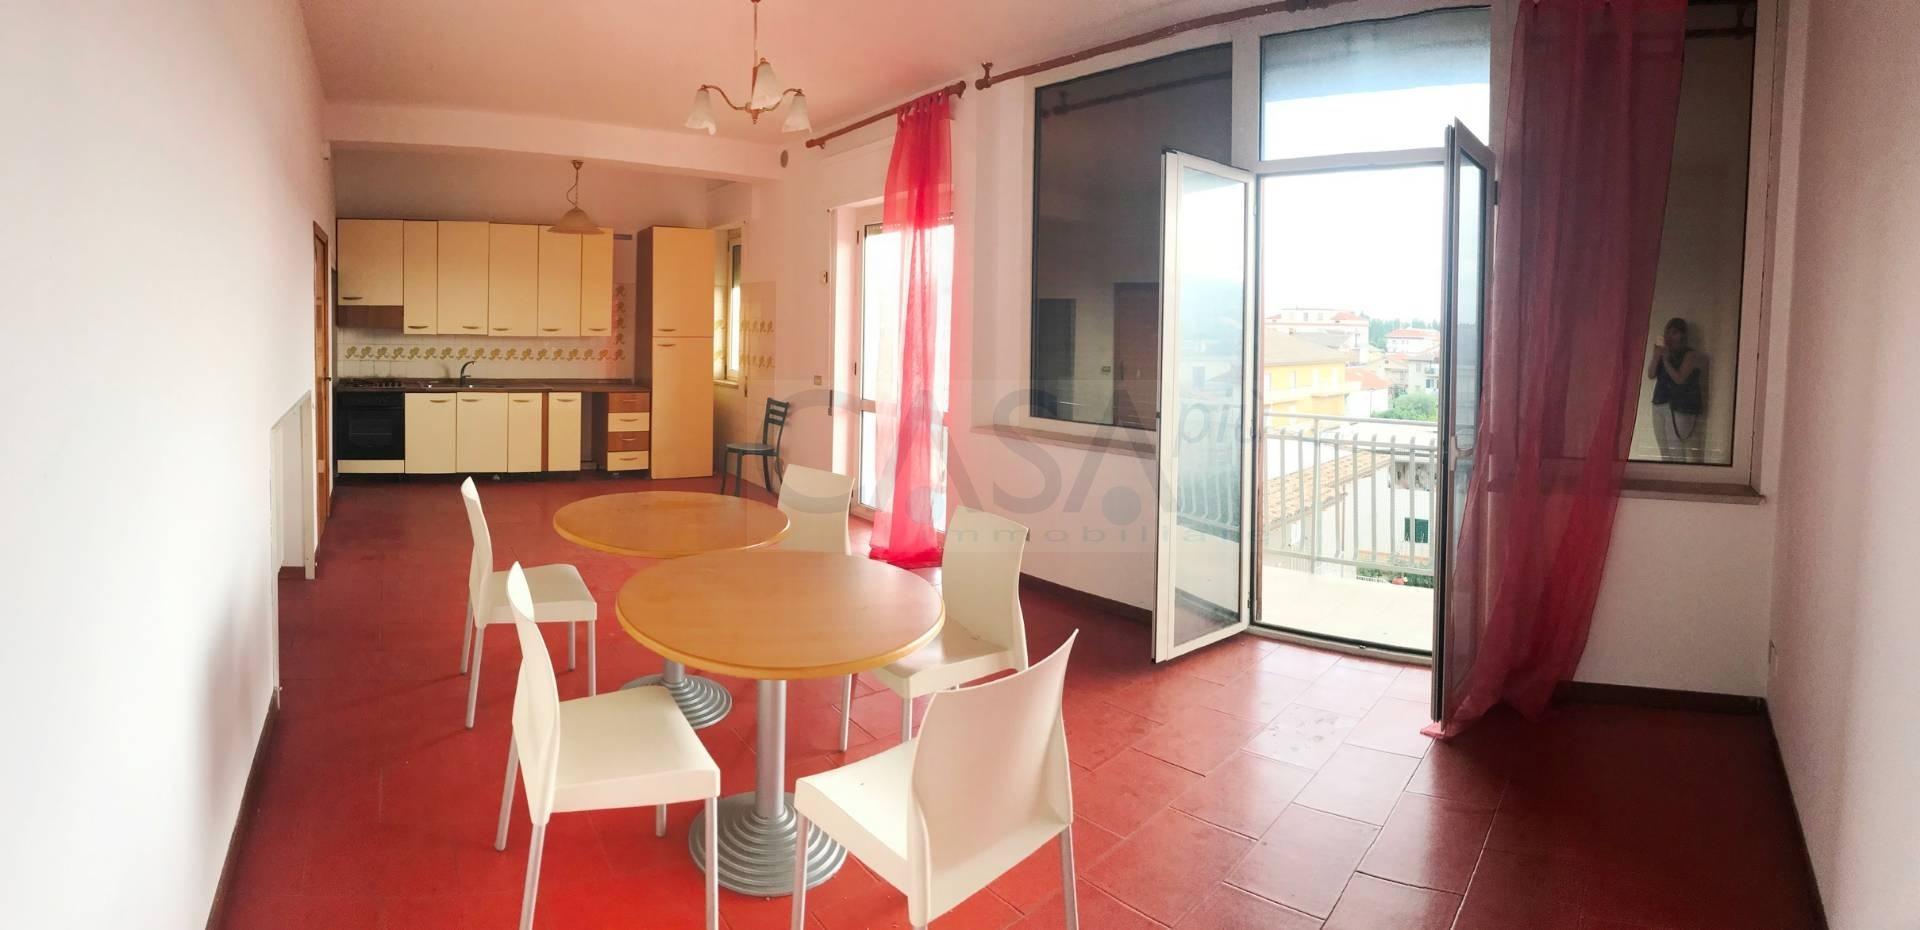 Appartamento in vendita a Monteprandone, 3 locali, prezzo € 78.000 | CambioCasa.it